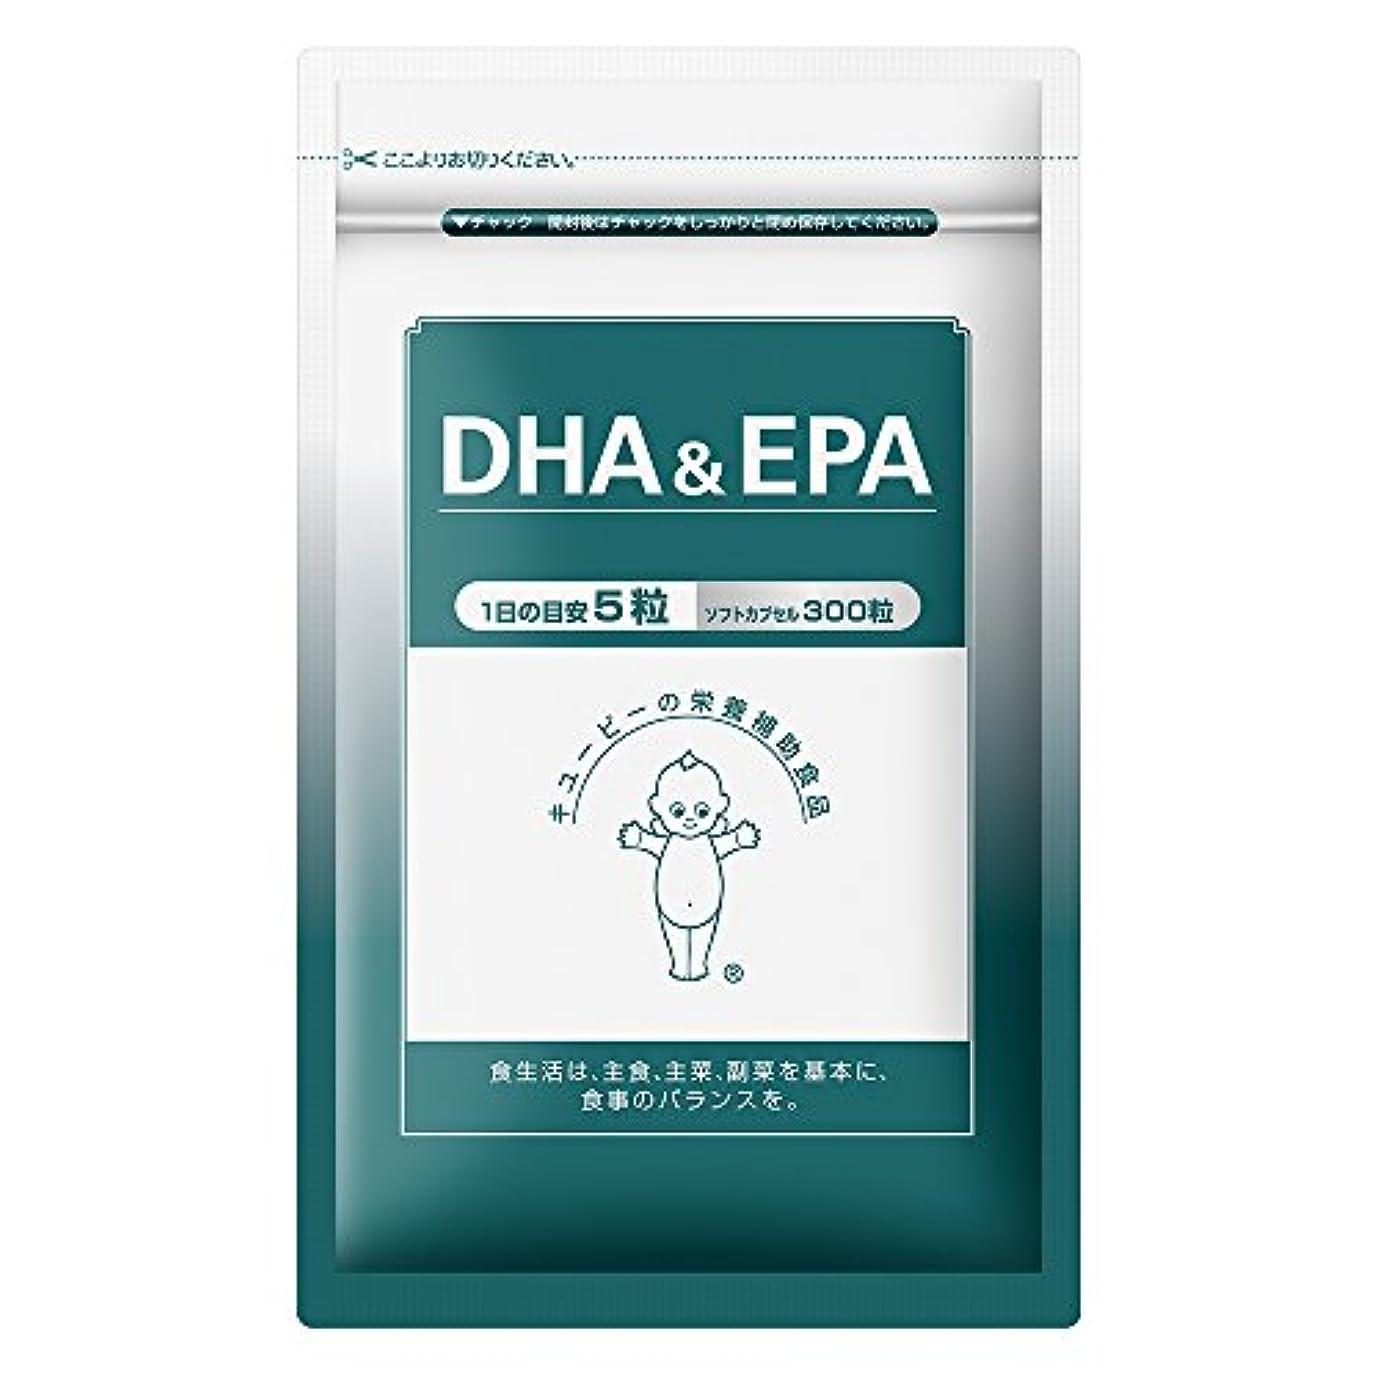 ガス植物学者バーガーキユーピー DHA&EPA 60日分